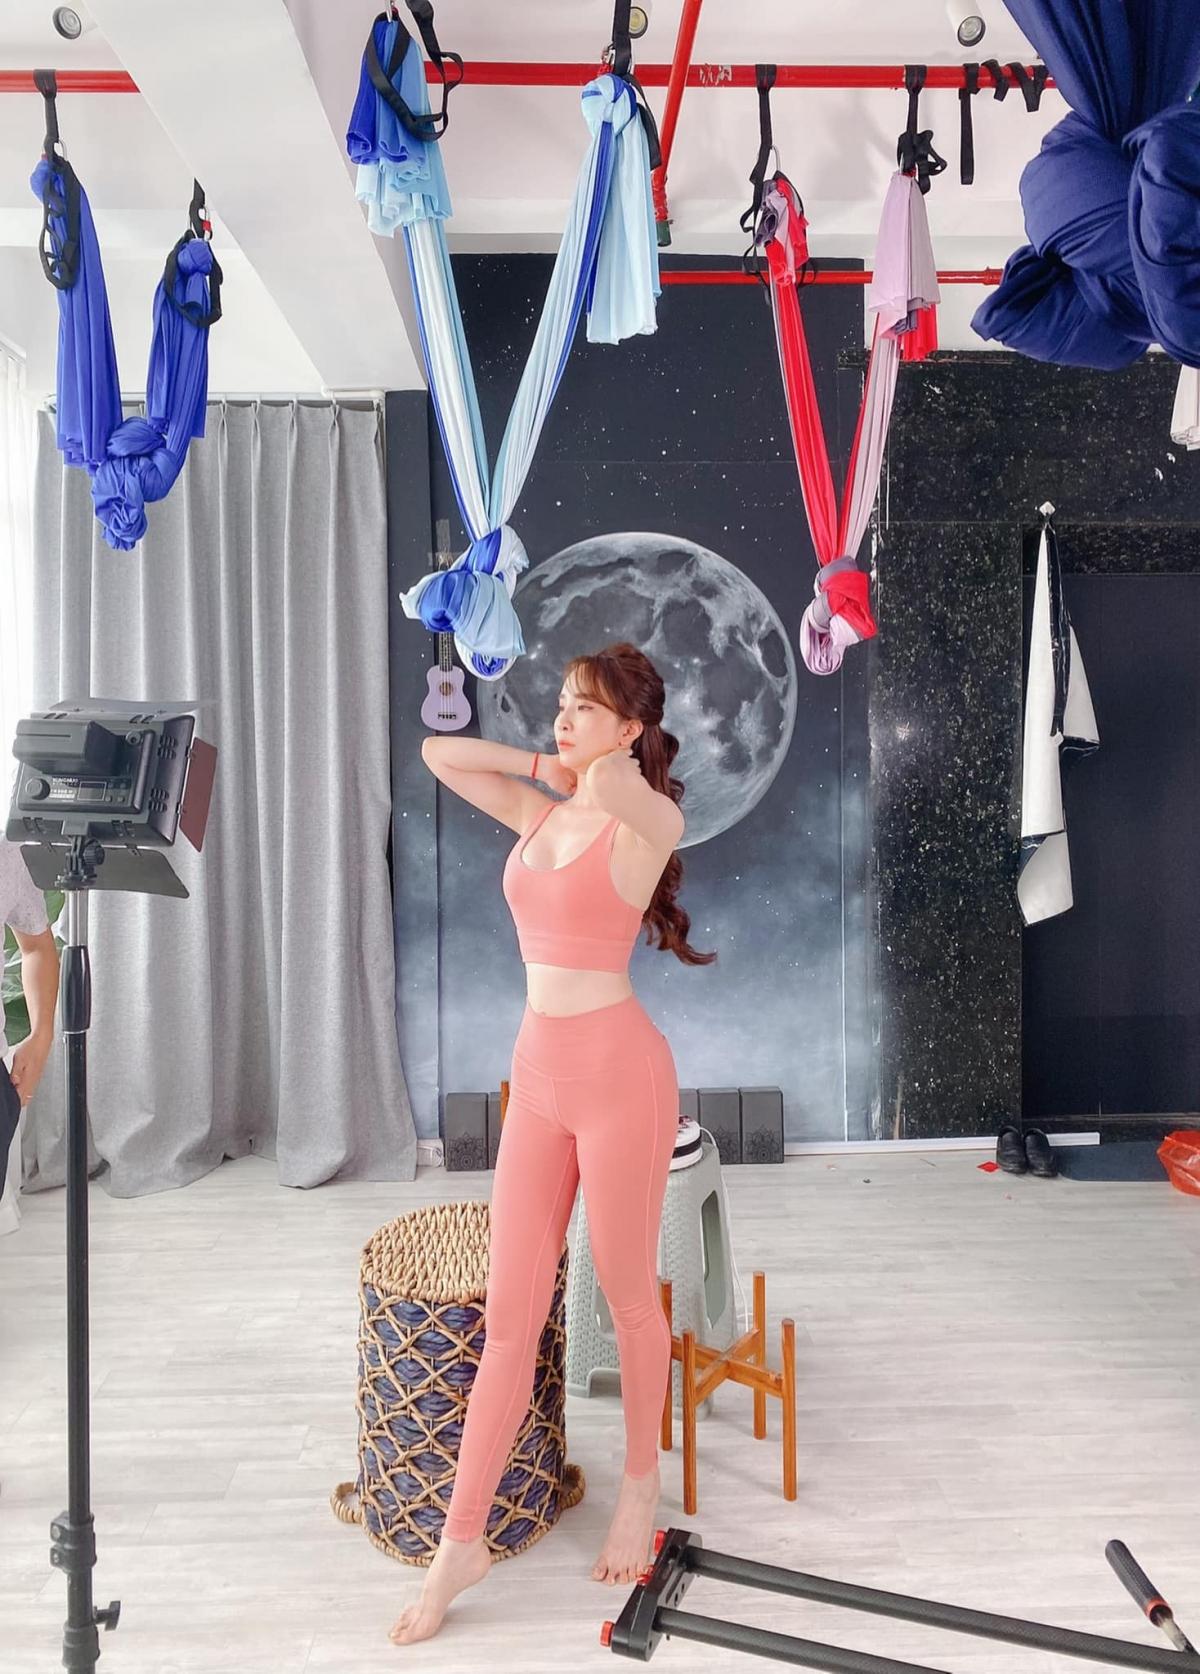 Nhận thức được lợi thế ngoại hình, Quỳnh Nga rất tích cực khoe những hình ảnh gợi cảm khi đi tập gym.